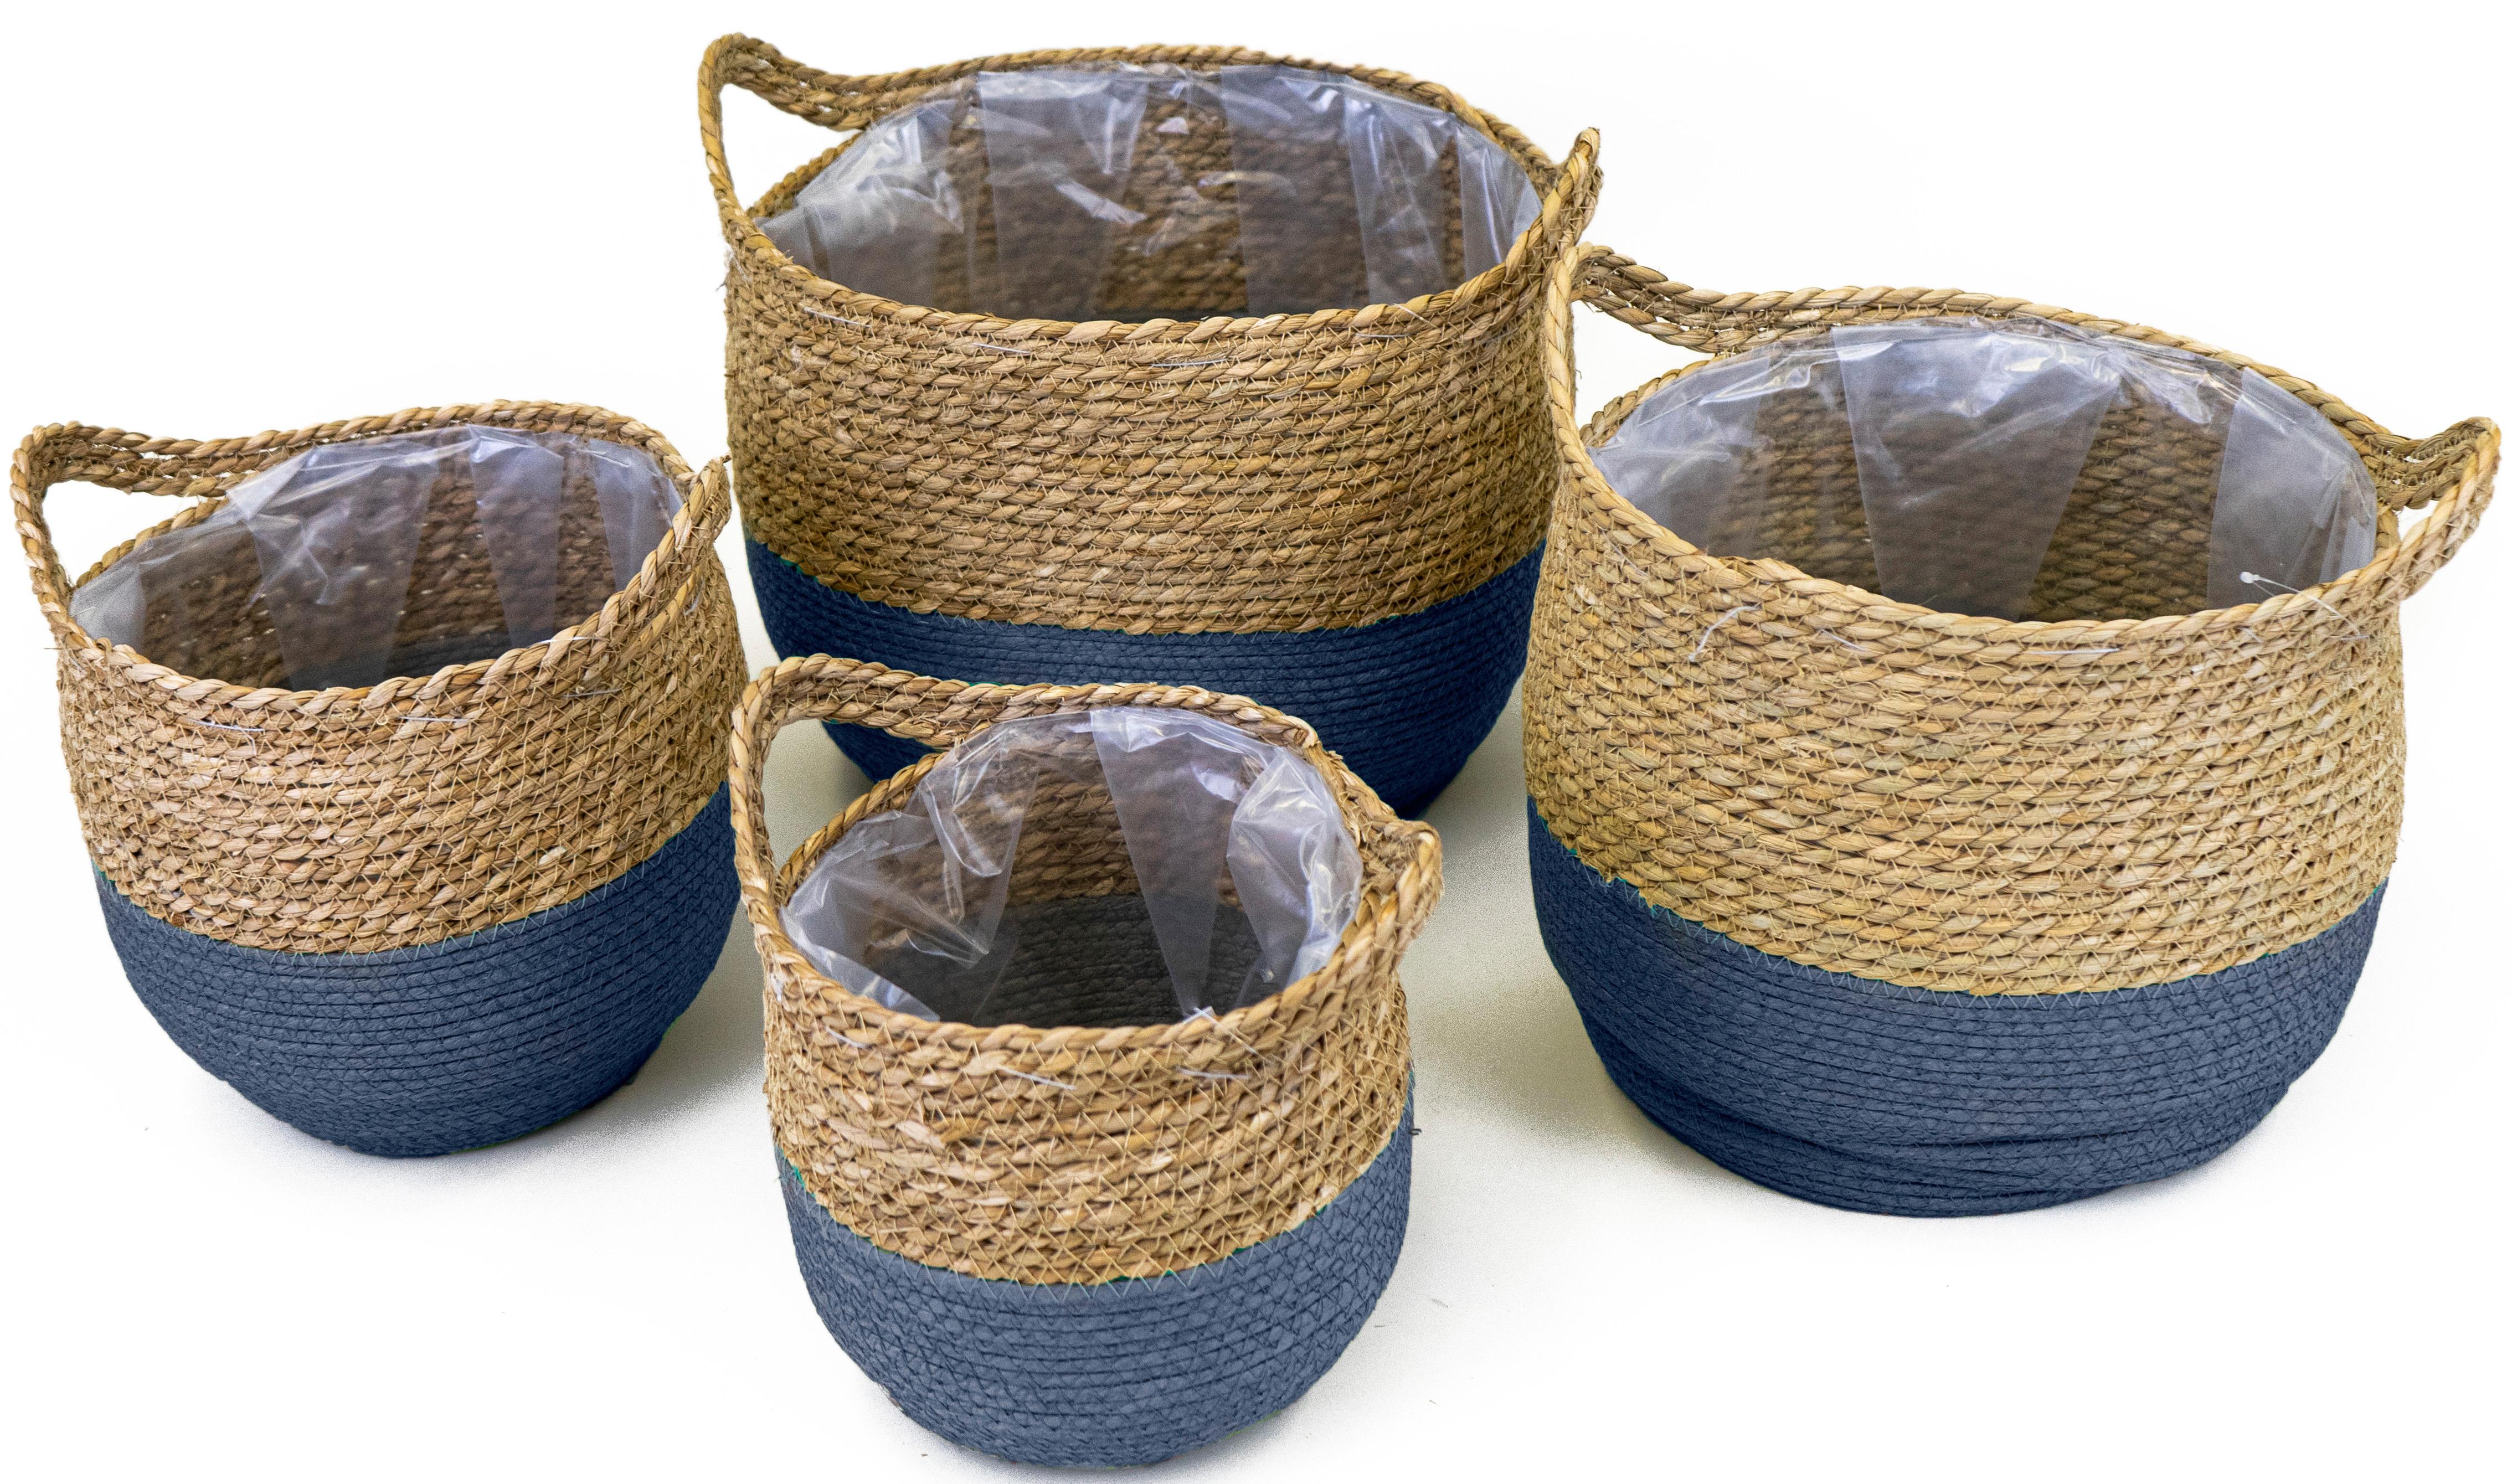 NOOR LIVING Aufbewahrungskorb, (Set, 4 St.), dekorative Aufbewahrung von verschiedenen Utensilien blau Körbe Ordnung Wohnaccessoires Aufbewahrungskorb